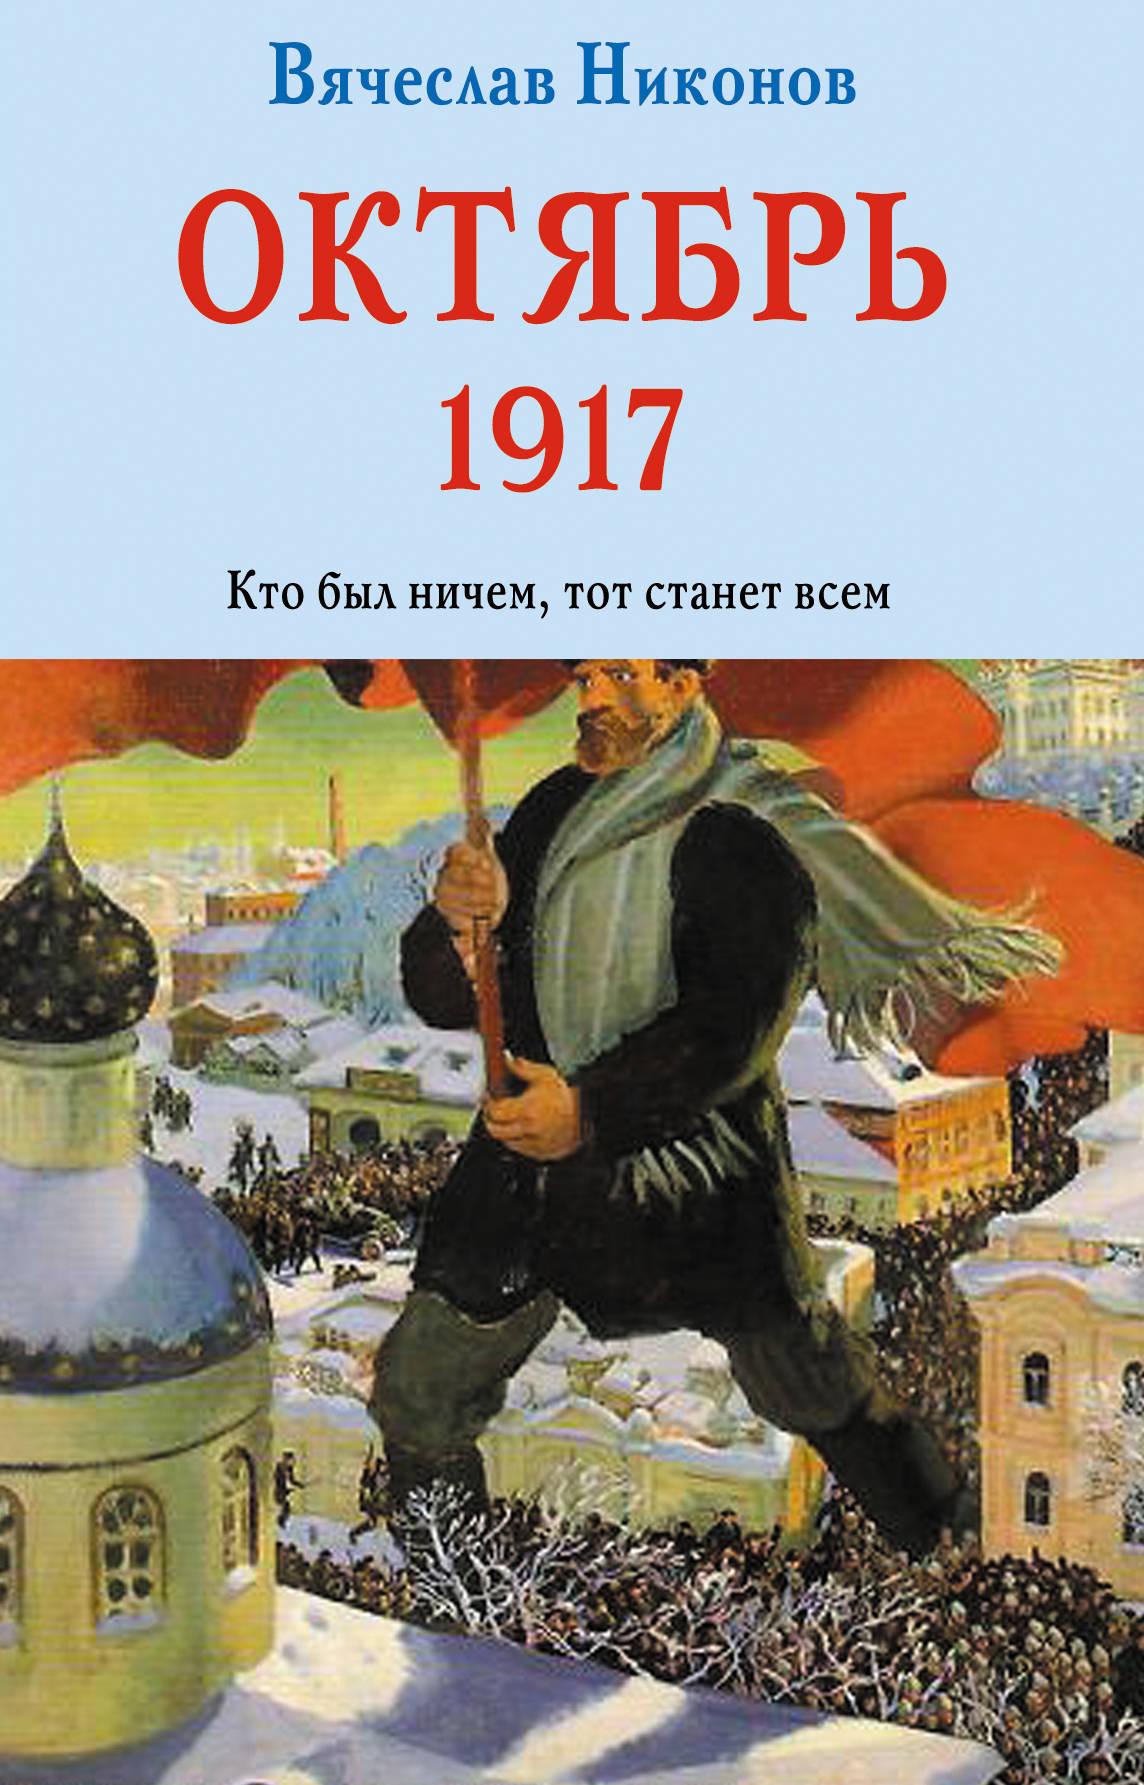 Вячеслав Никонов Октябрь 1917. Кто был ничем, тот станет всем